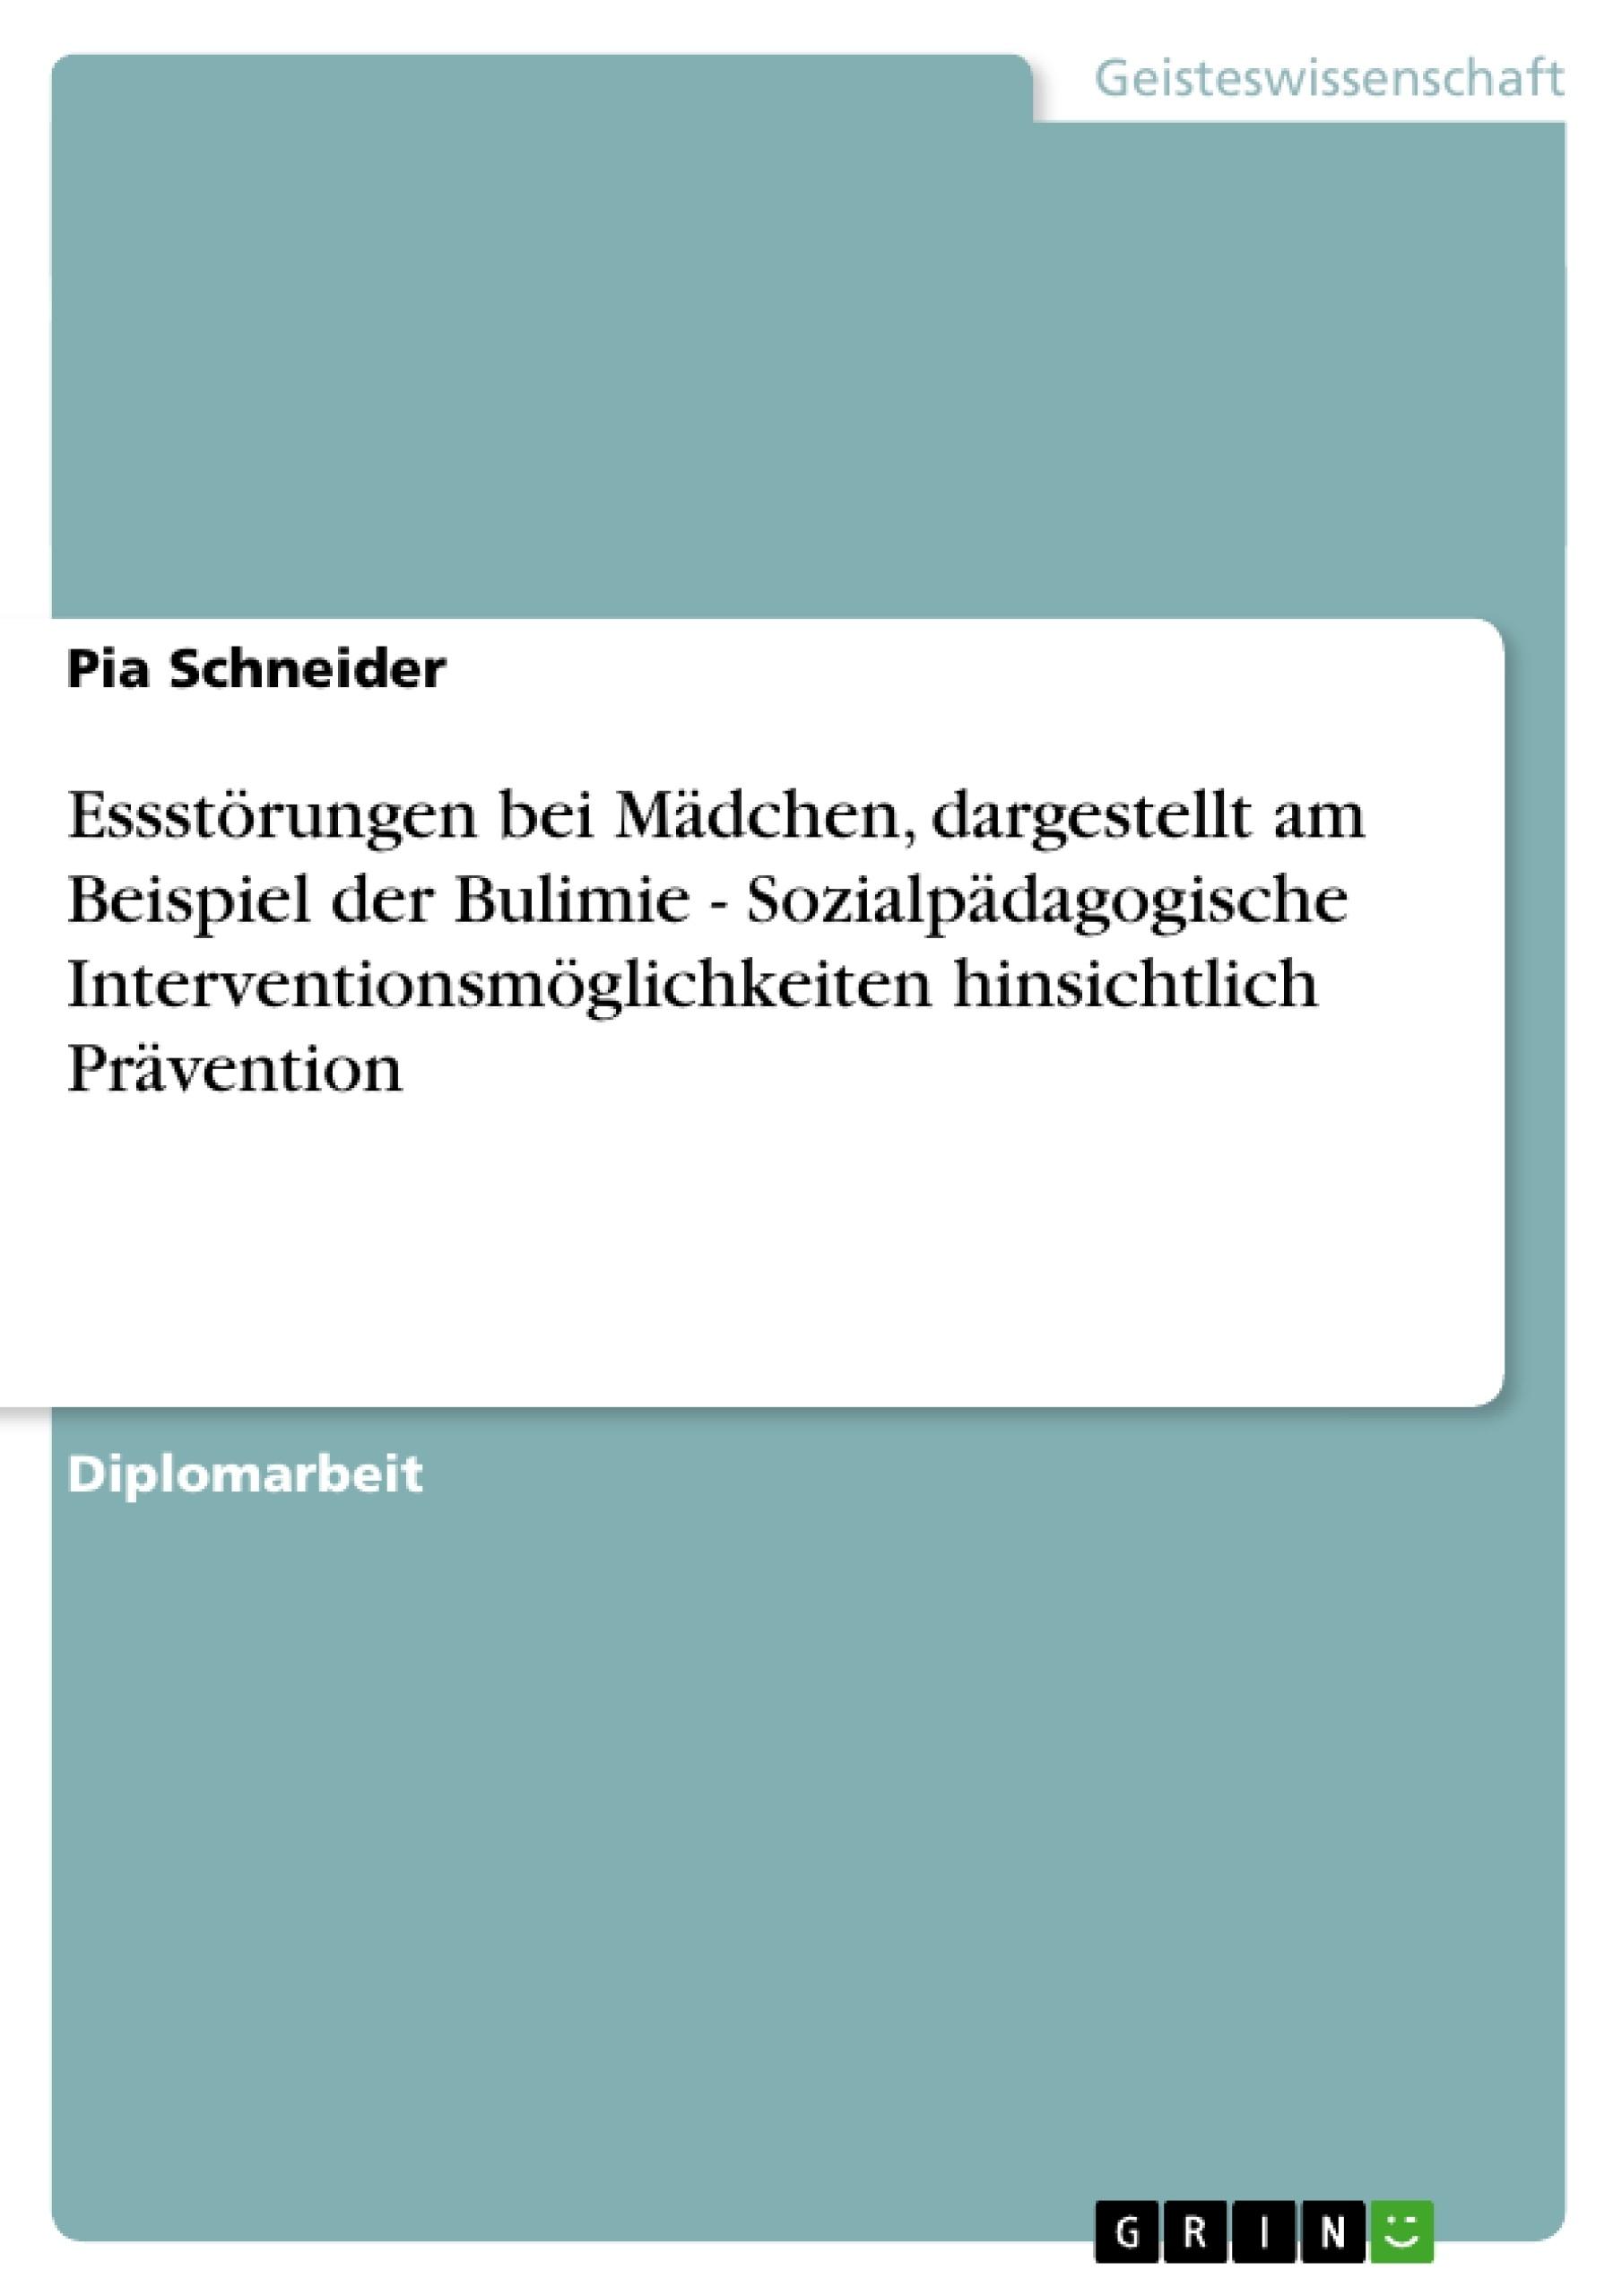 Titel: Essstörungen bei Mädchen, dargestellt am Beispiel der Bulimie - Sozialpädagogische Interventionsmöglichkeiten hinsichtlich Prävention